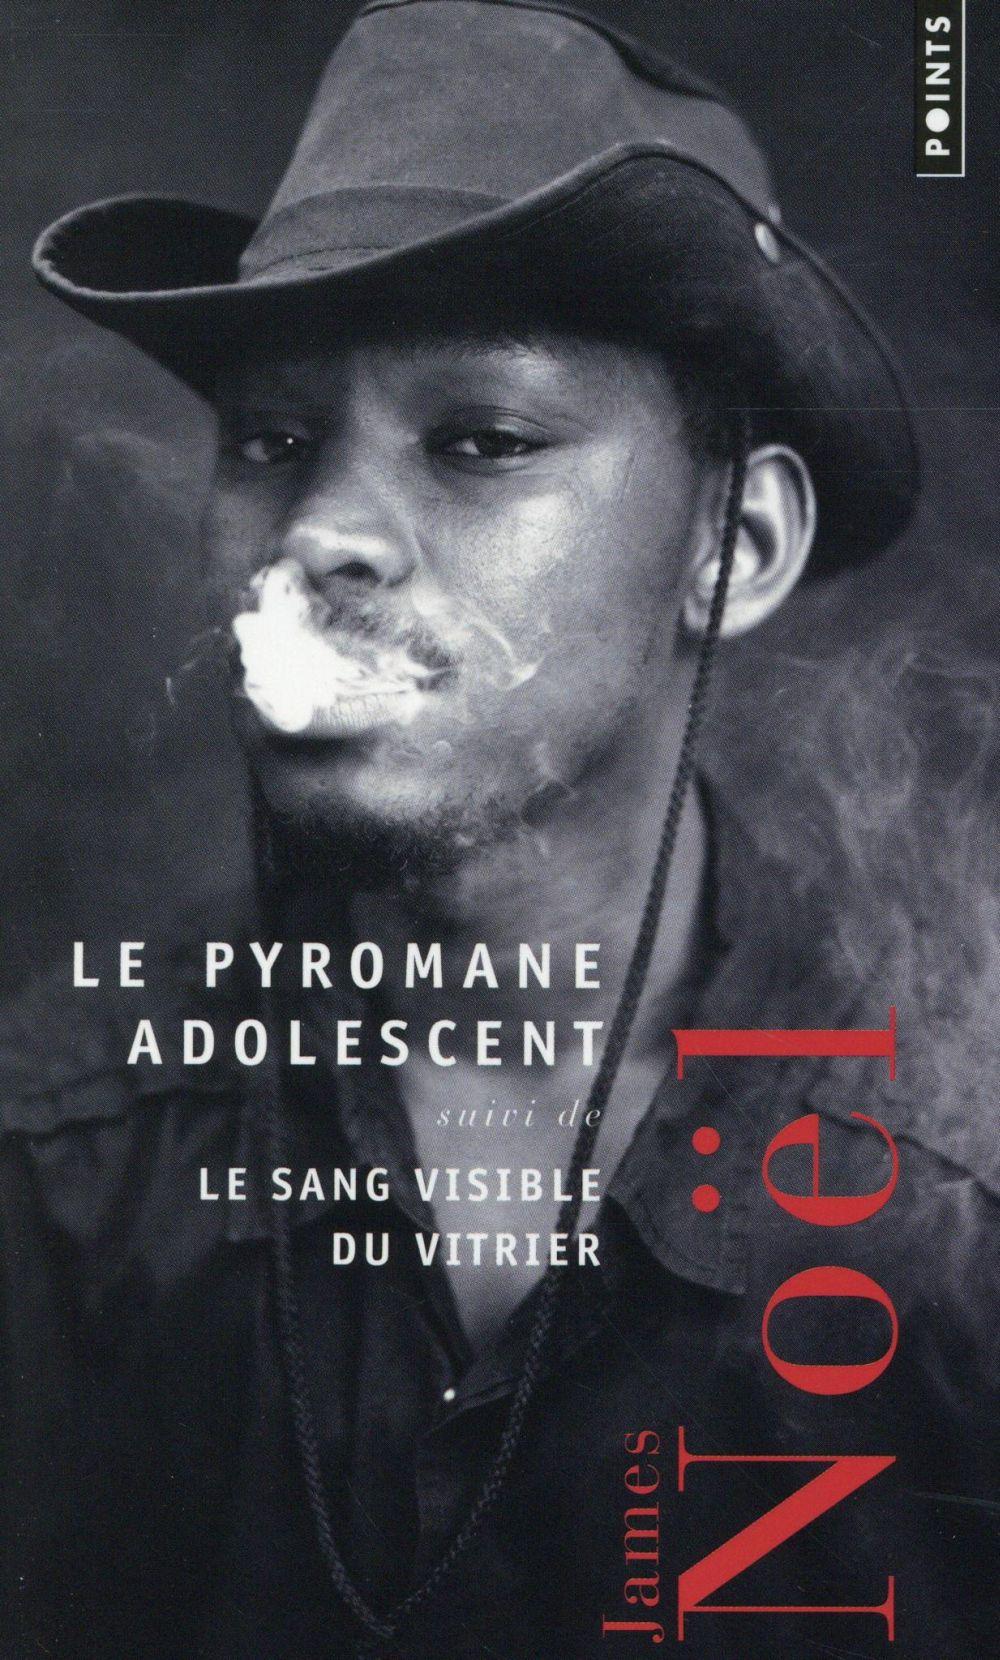 Le pyromane adolescent ; le sang visible du vitrier